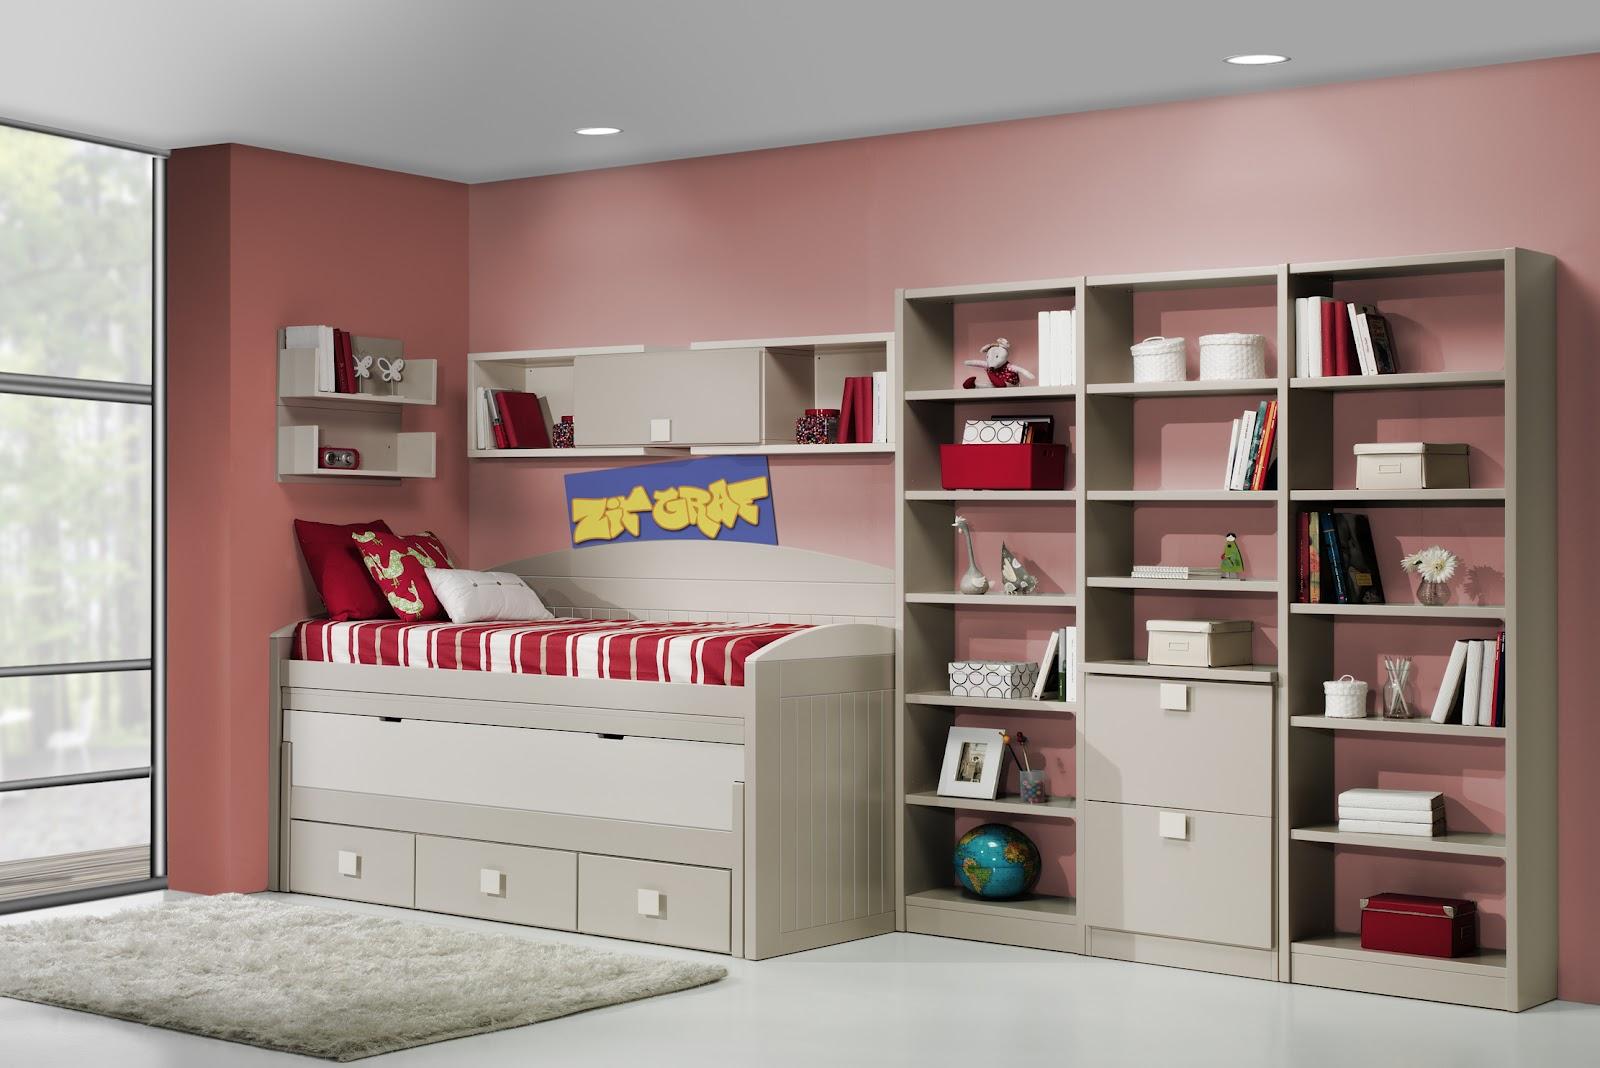 Dormitorio lacado color arena con cama compacto y estanteria - Habitaciones blancas juveniles ...